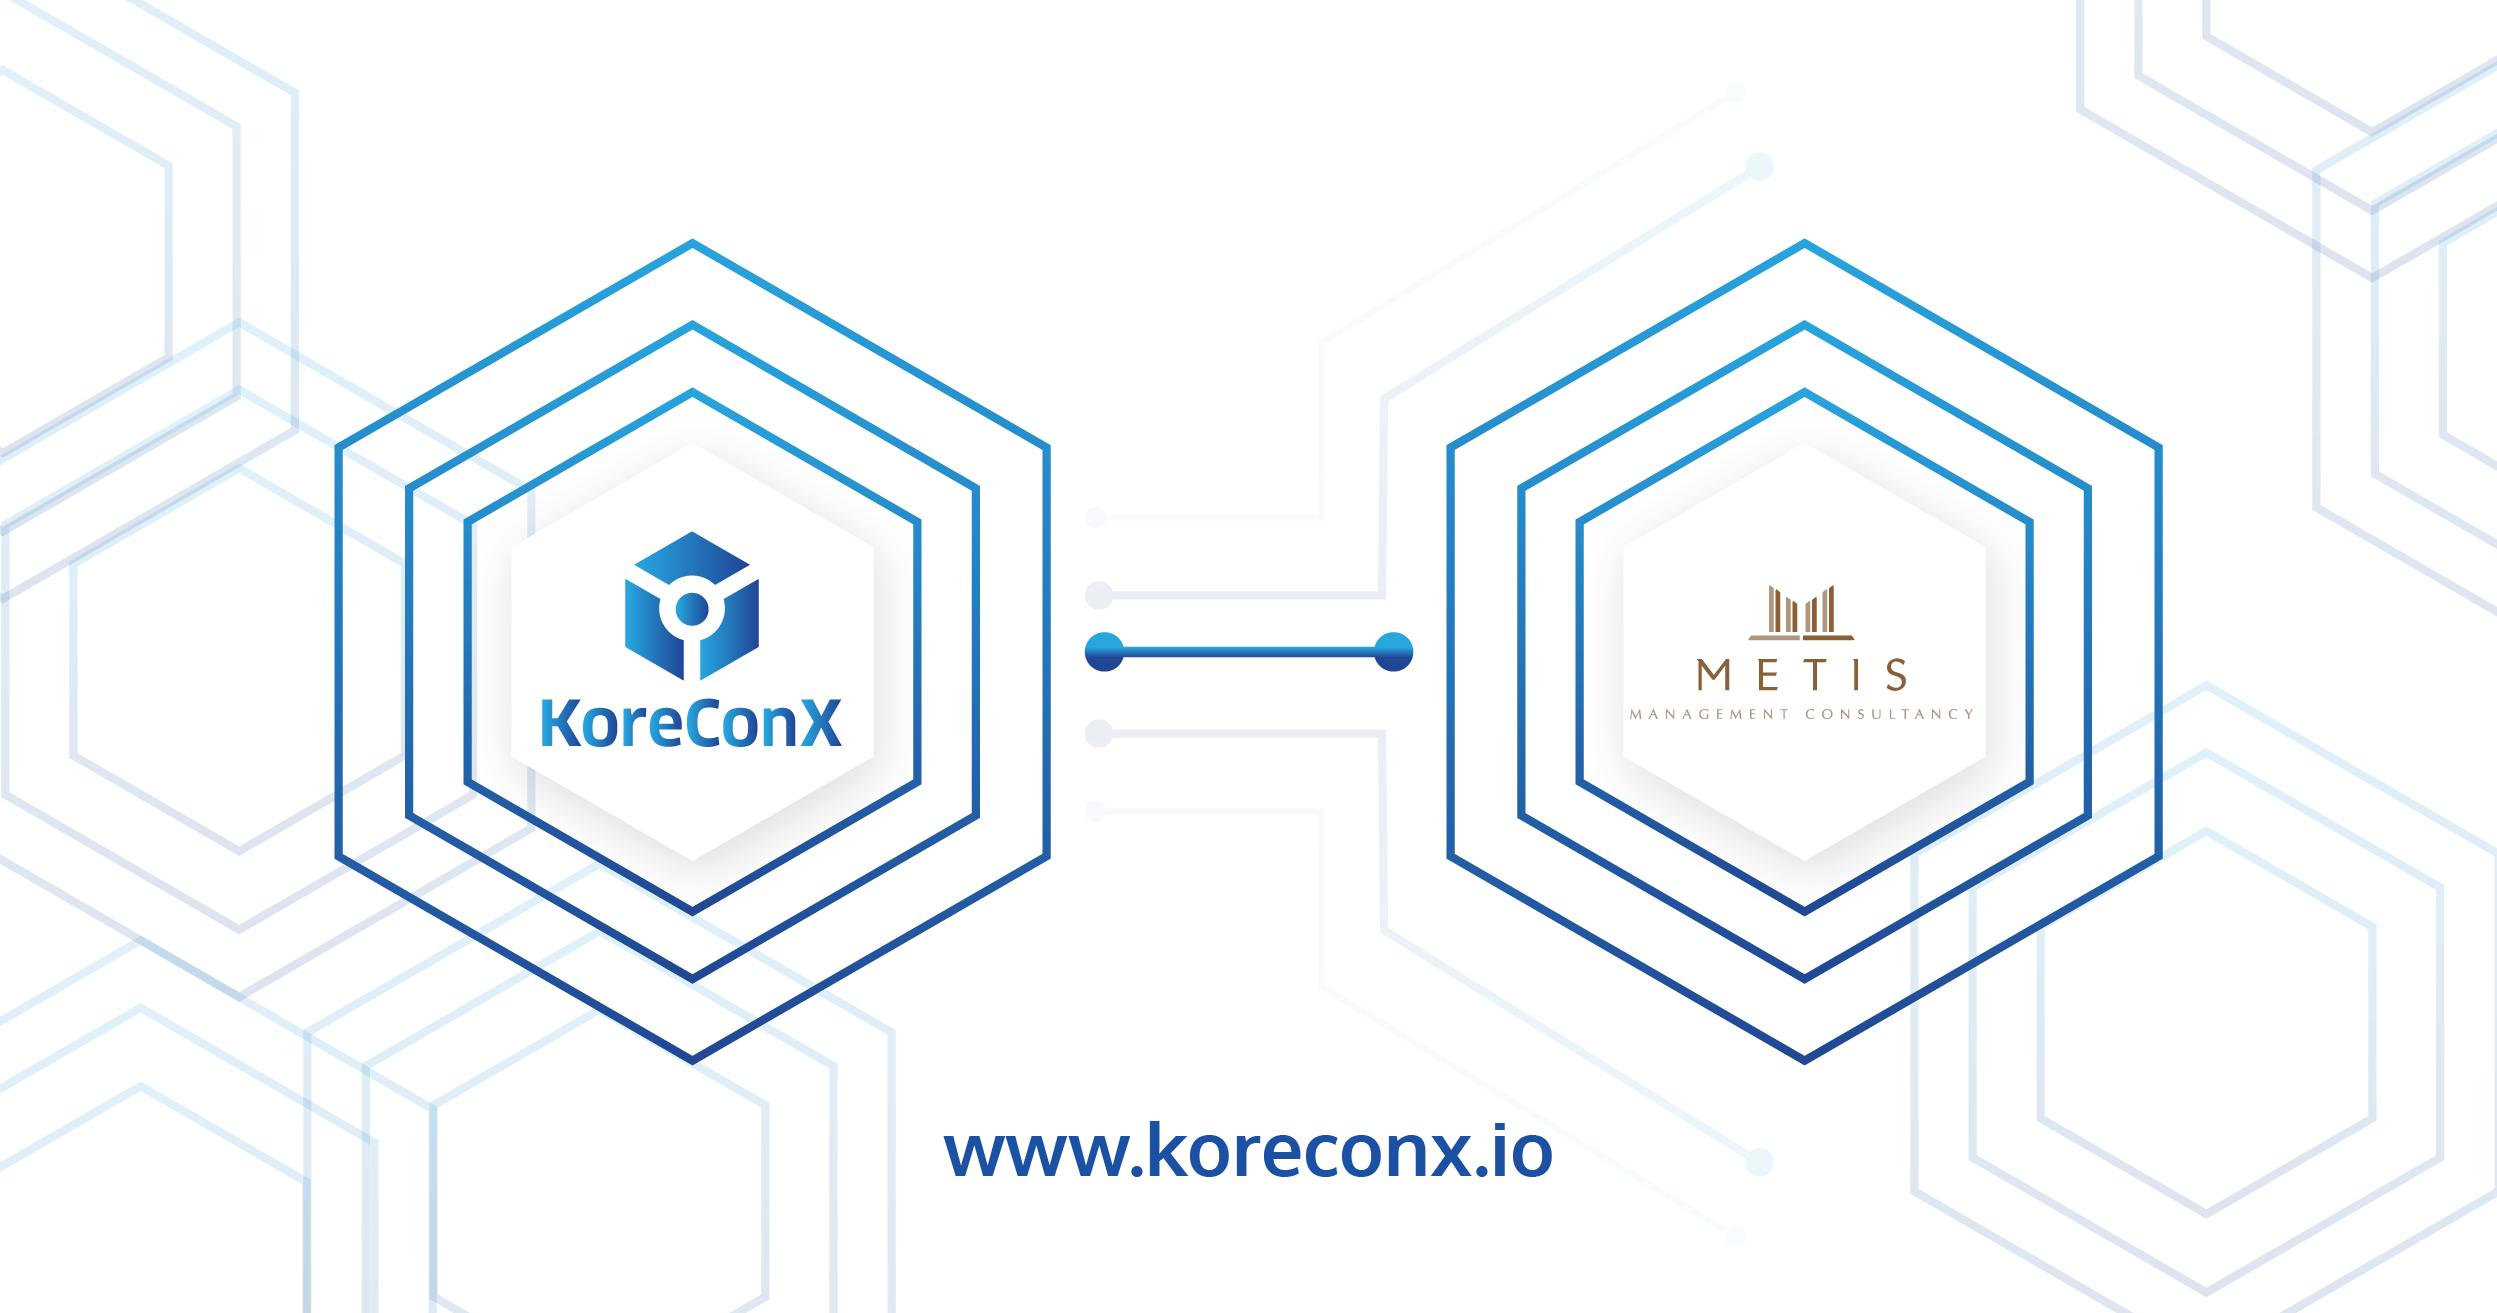 KoreConX METIS